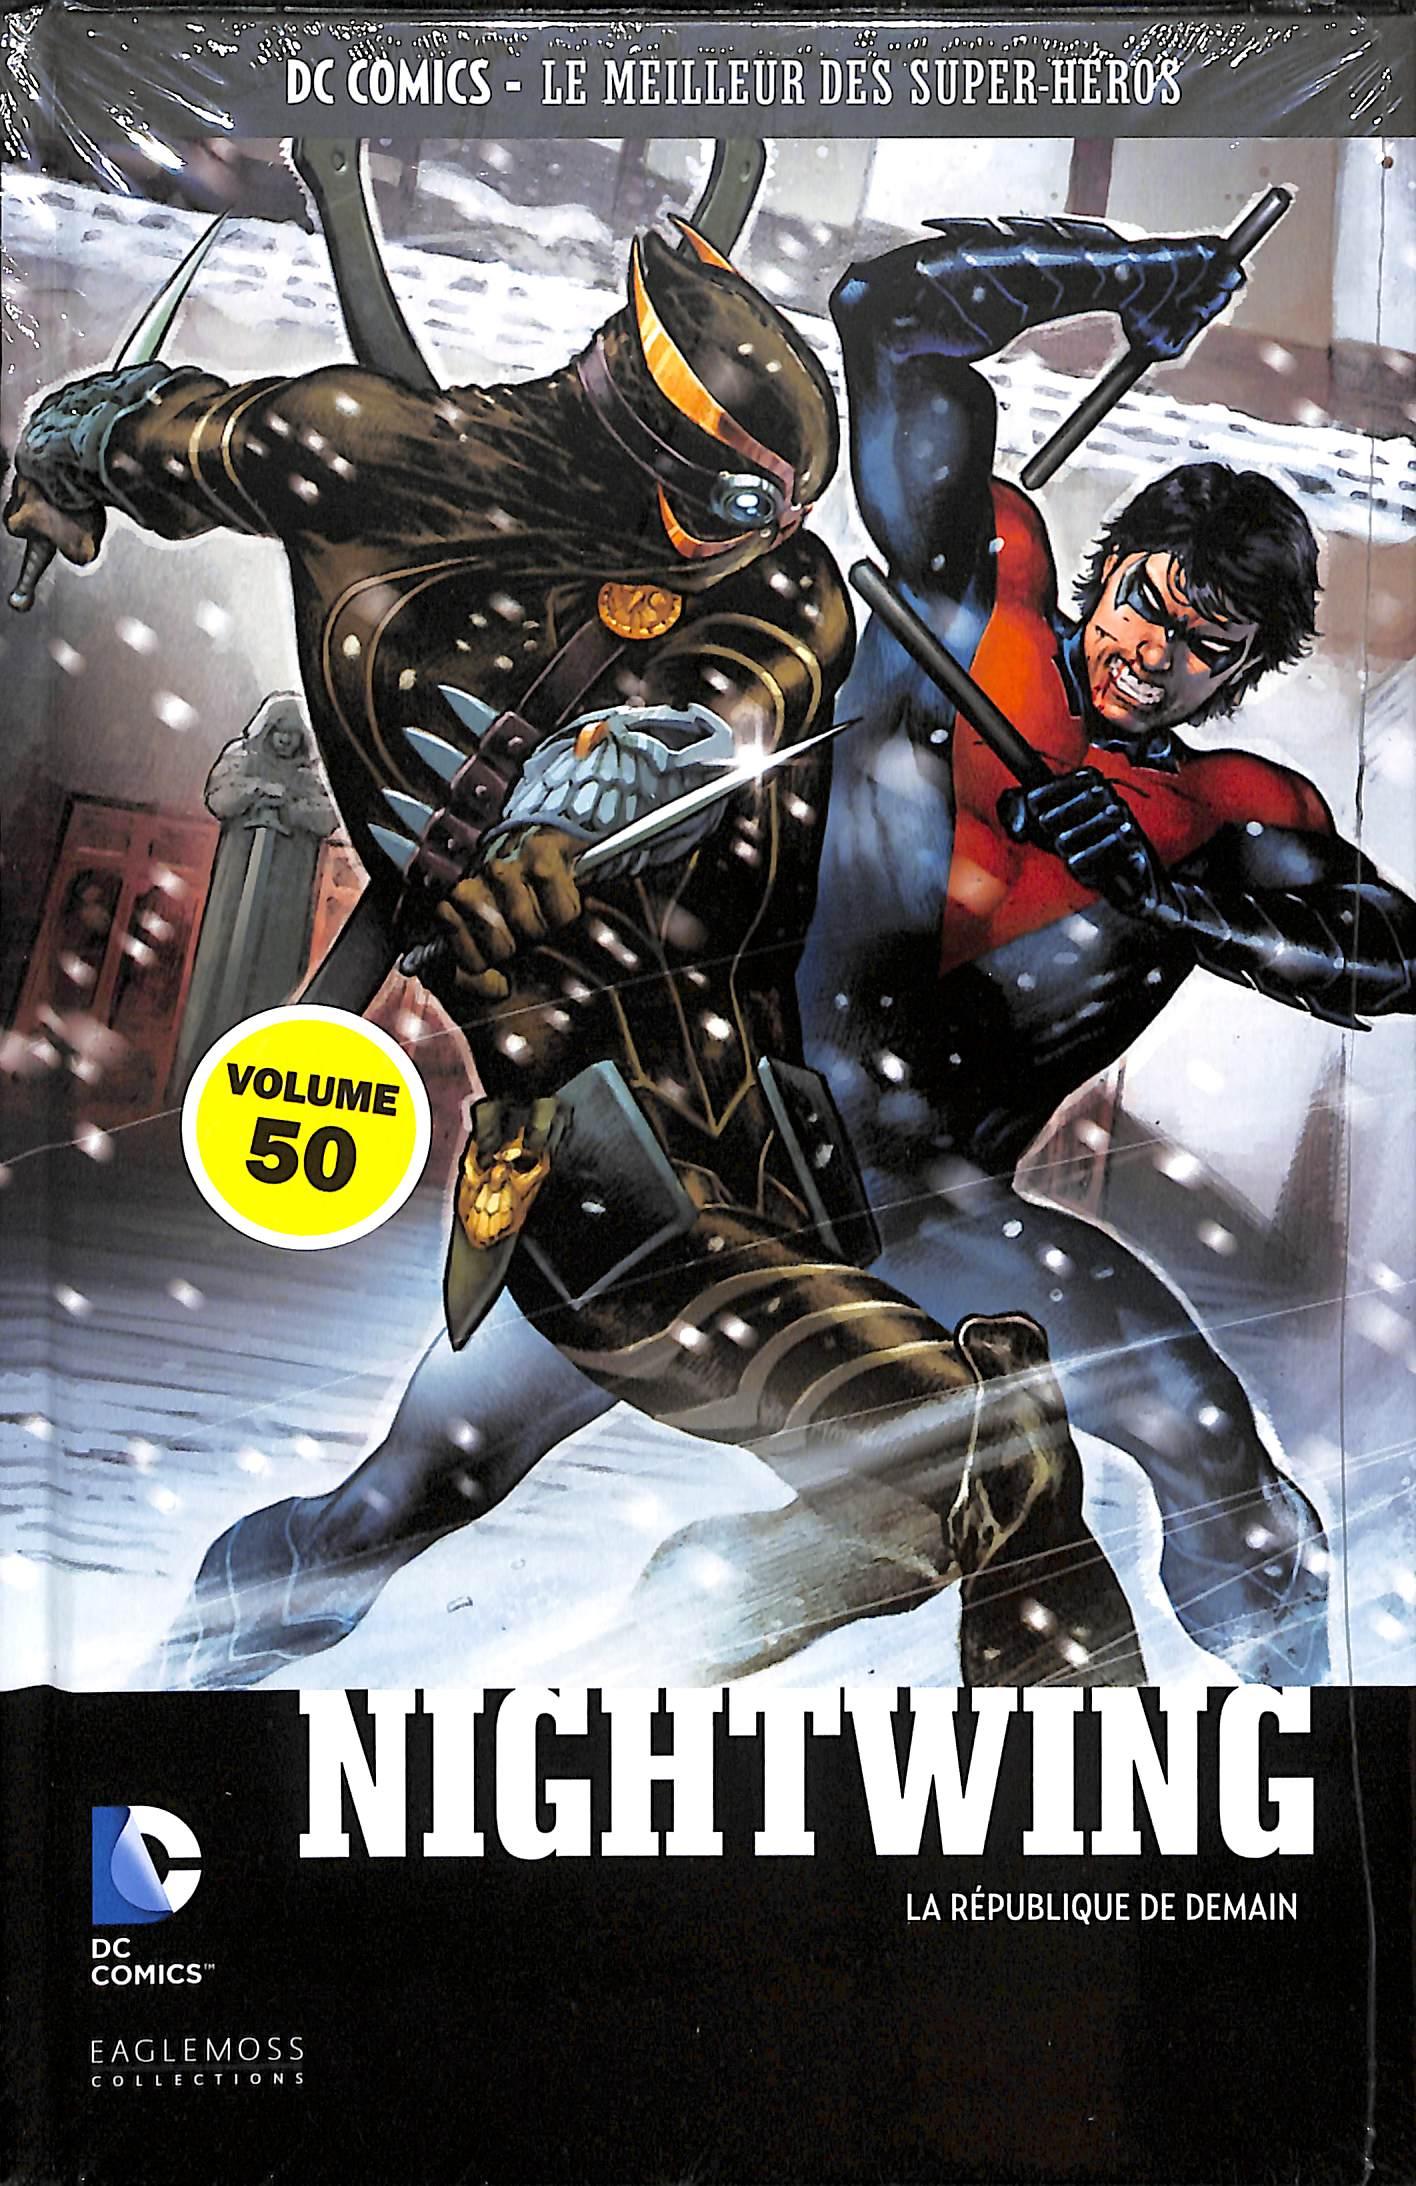 DC Comics - Le Meilleur des Super-Héros 50 - Nightwing - La République de demain